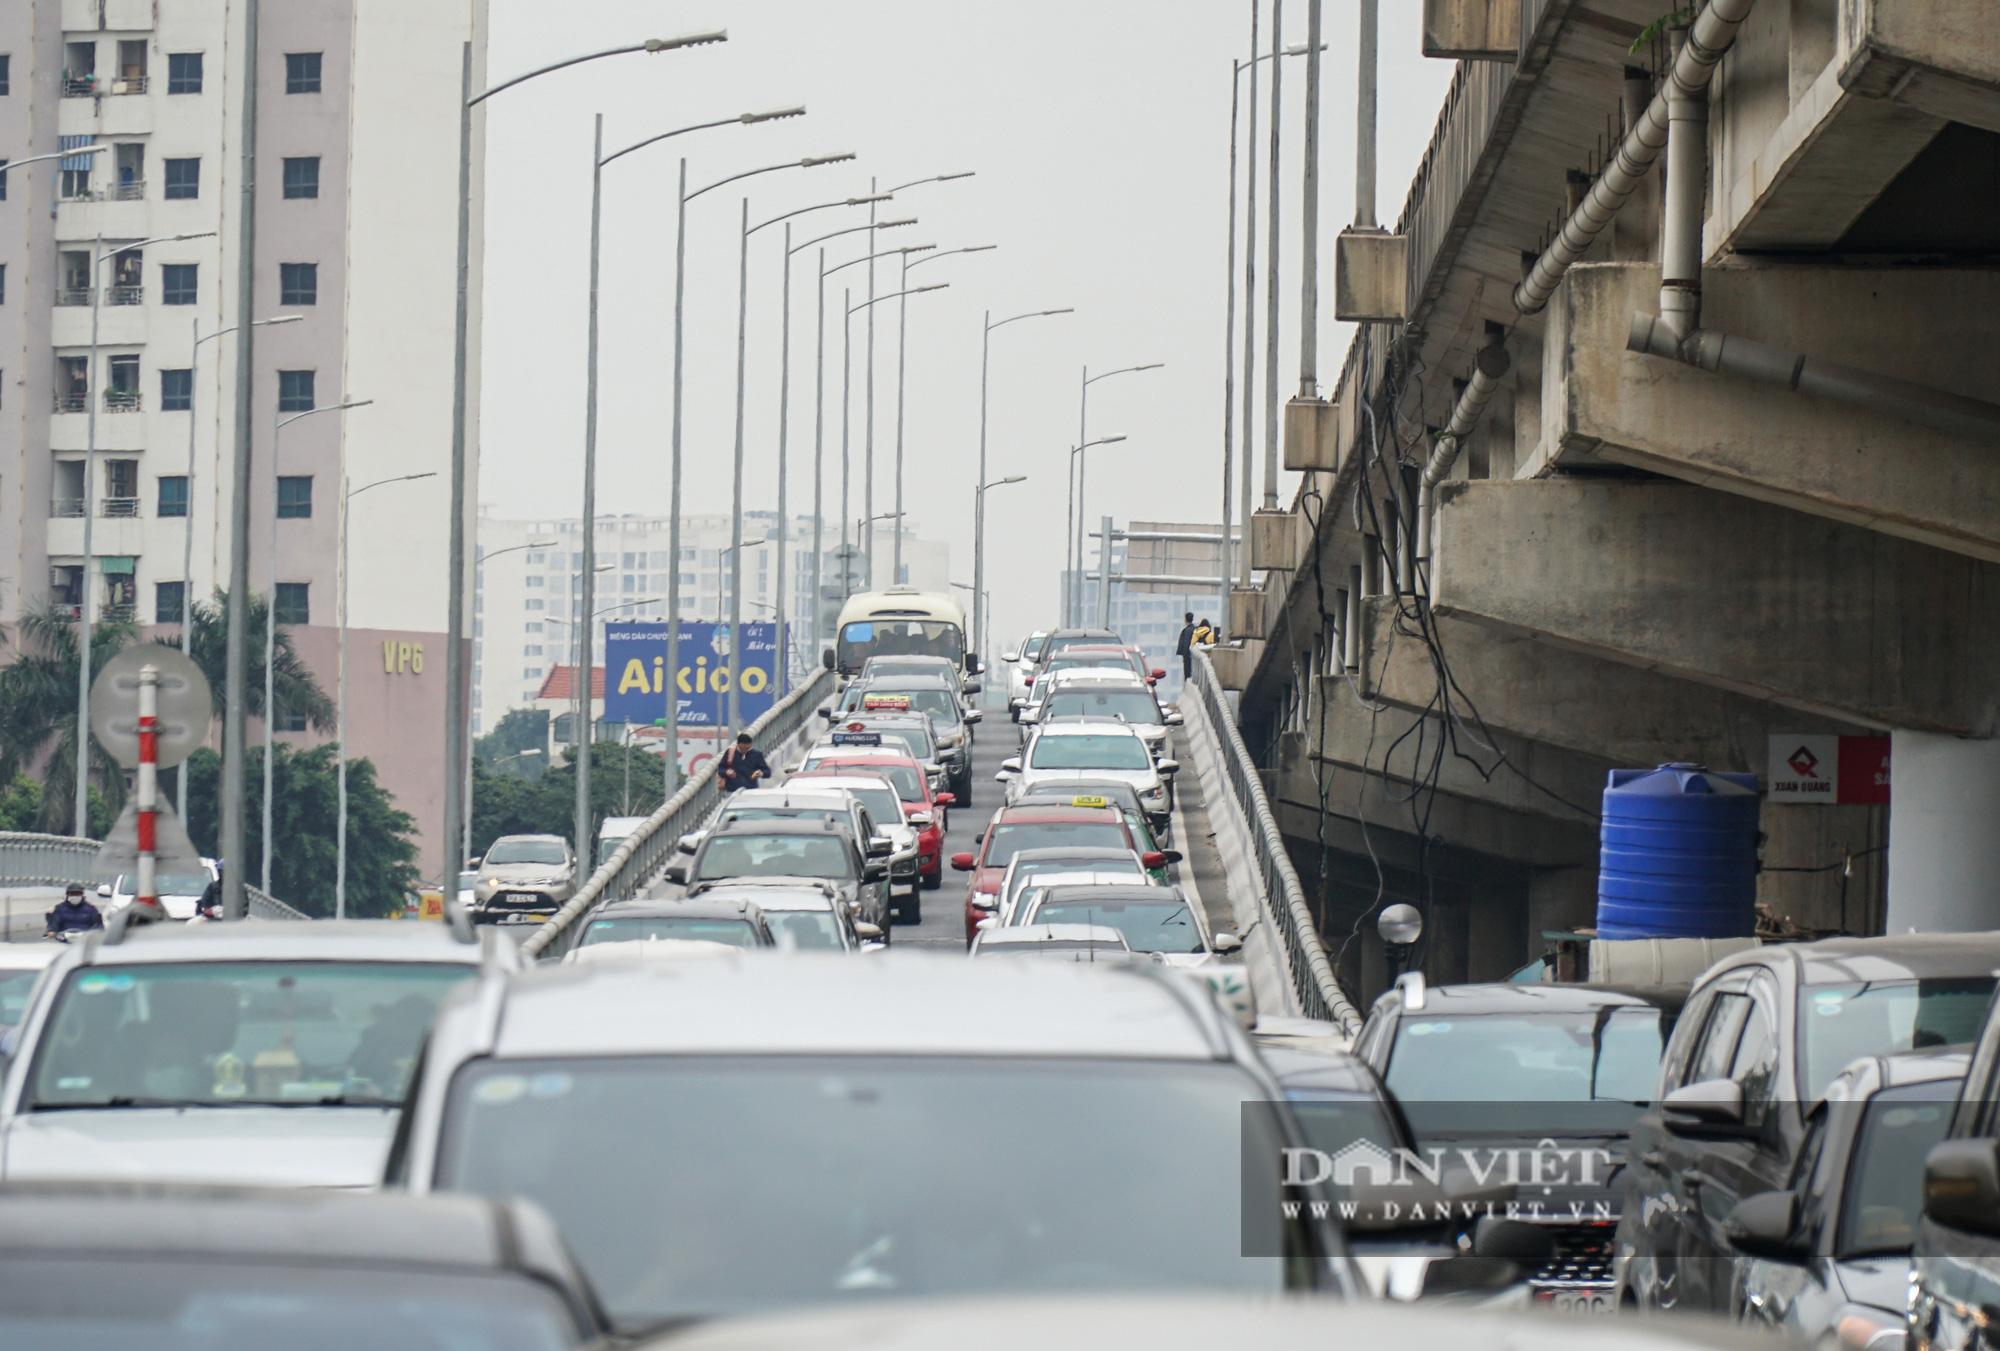 Cửa ngõ Thủ đô ùn tắc gần chục cây số sau khi kết thúc kỳ nghỉ Tết Dương lịch - Ảnh 14.